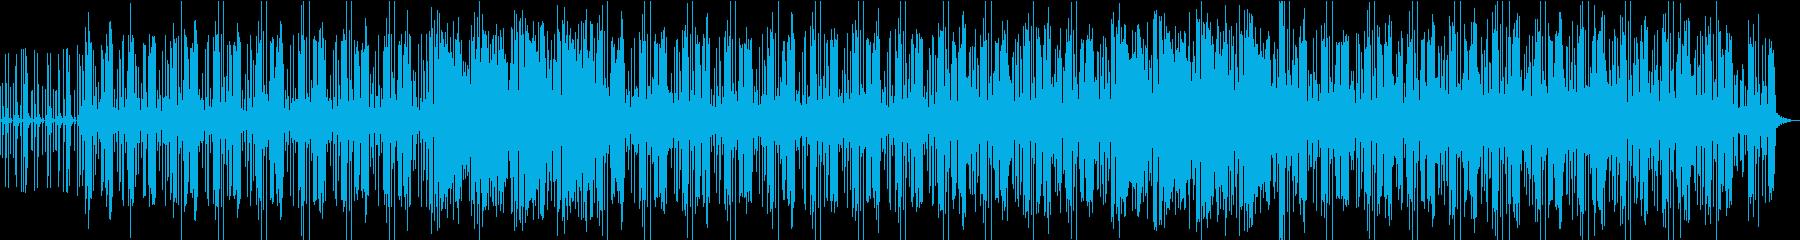 淡々とした映像に合うアシッドグルーヴの再生済みの波形